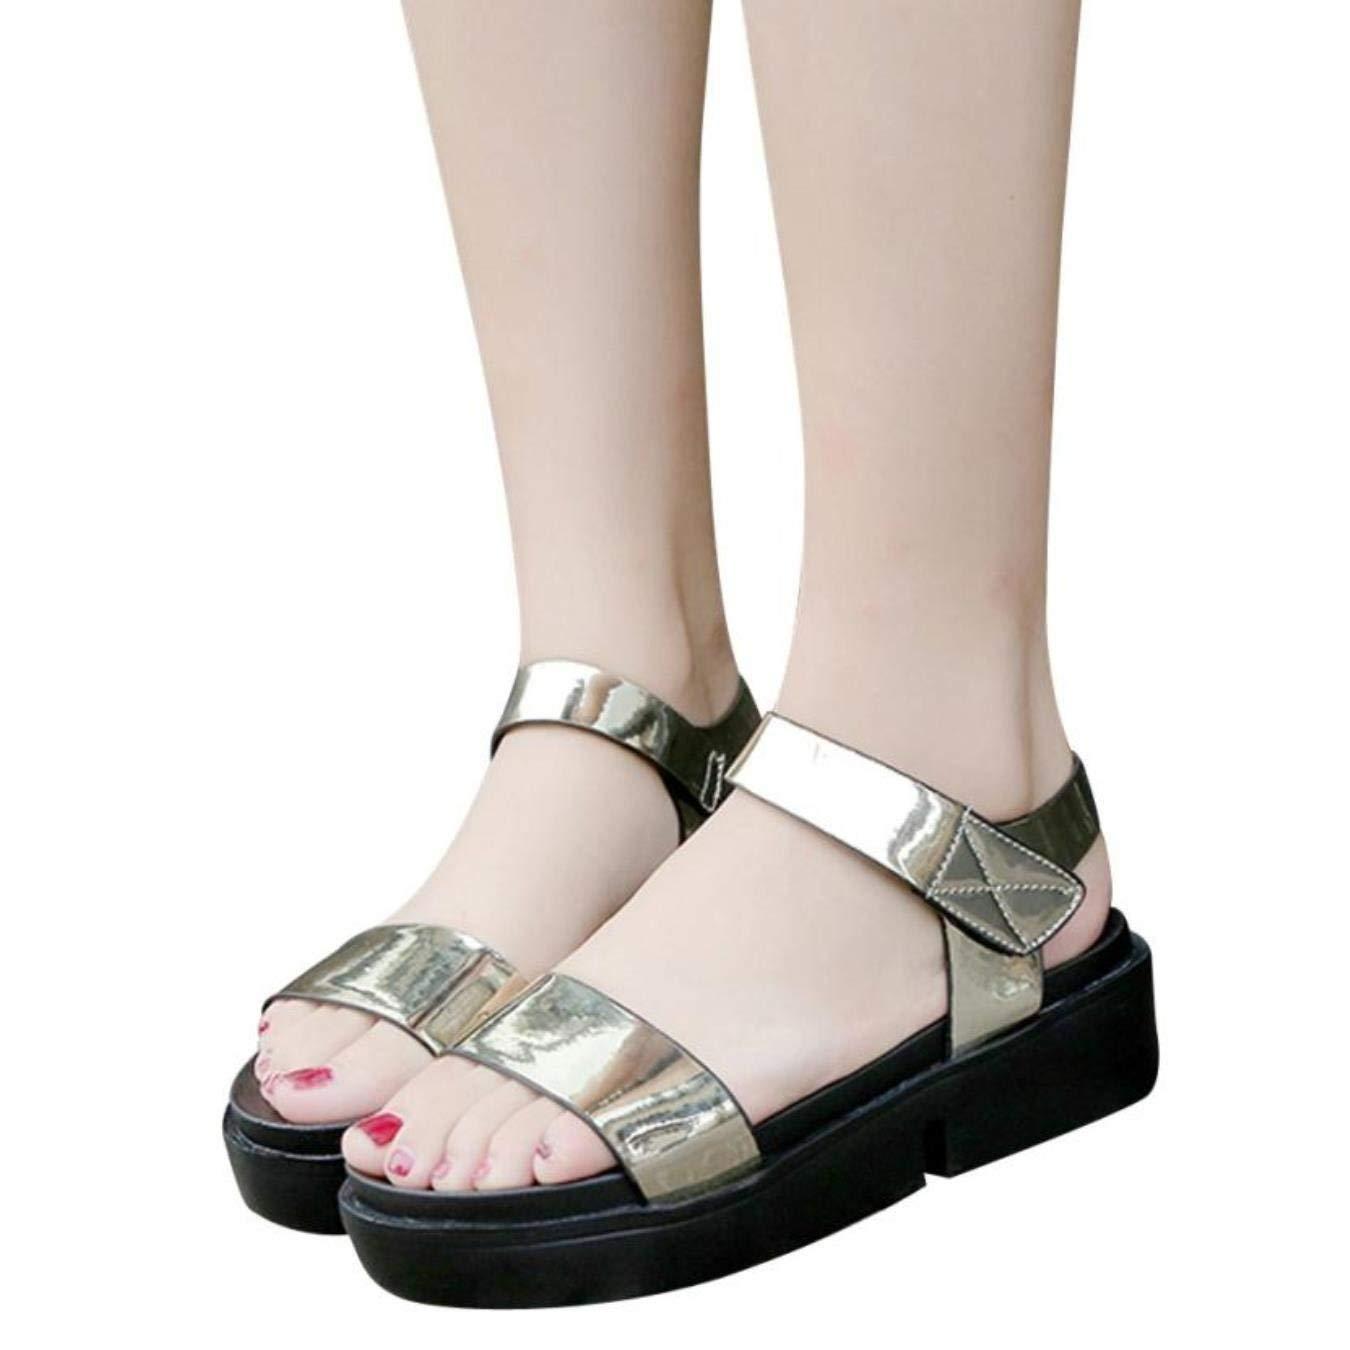 Women39;S Sandals Female Shoes Summer Women Platform Fashion Shoes